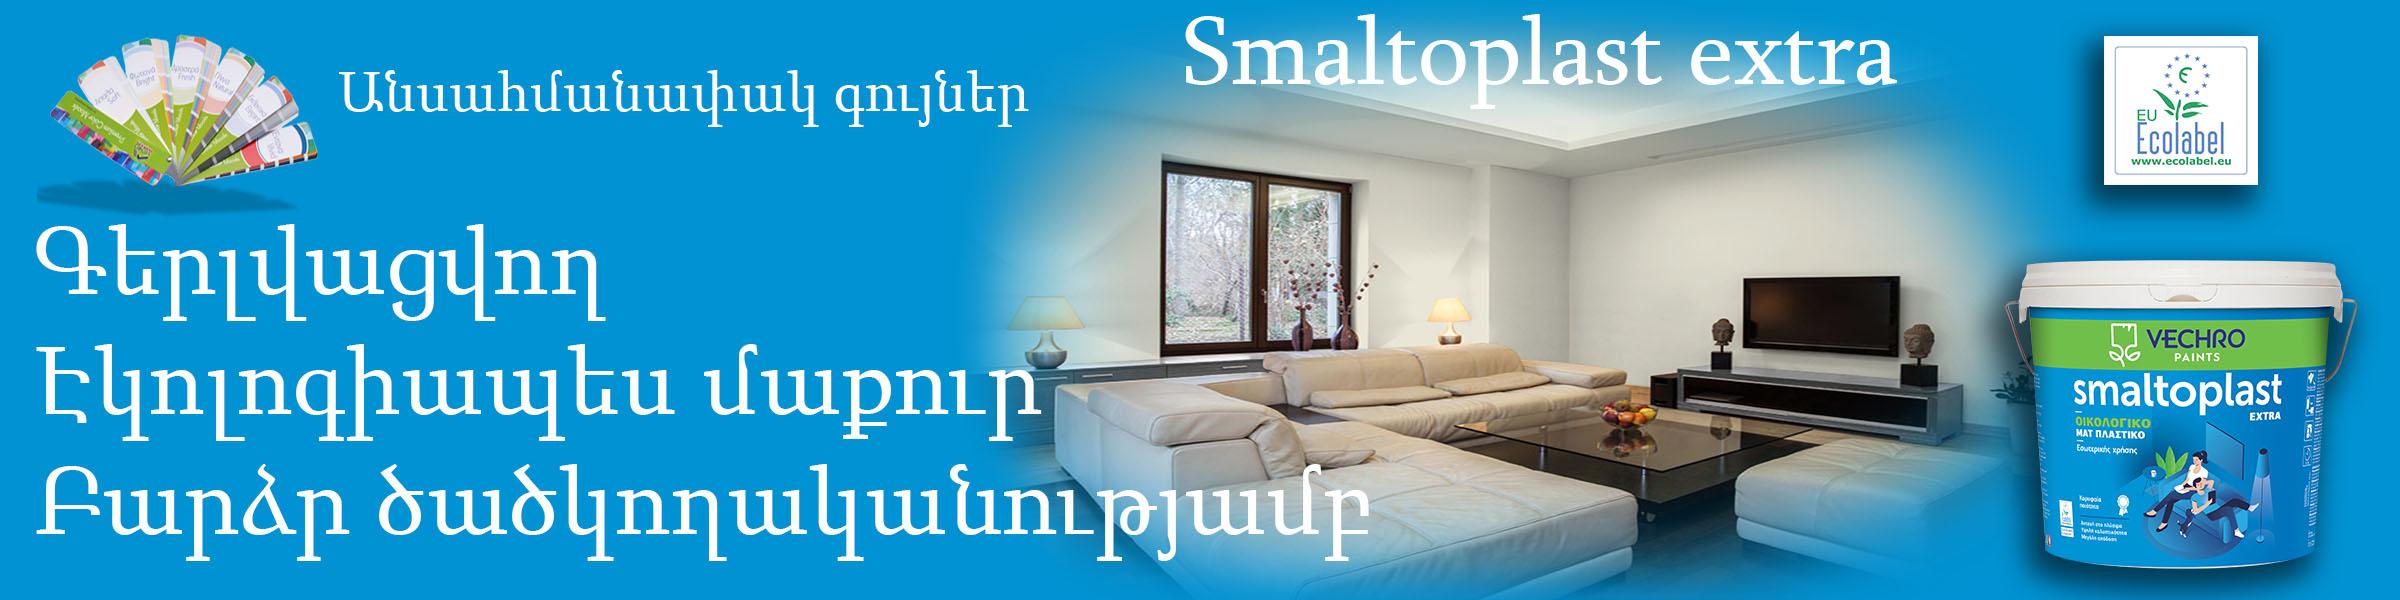 vechro smaltoplast extra բարձր լվացվողականությամբ, էկոլոգիապես մաքուր պատի և առաստաղի ներկ